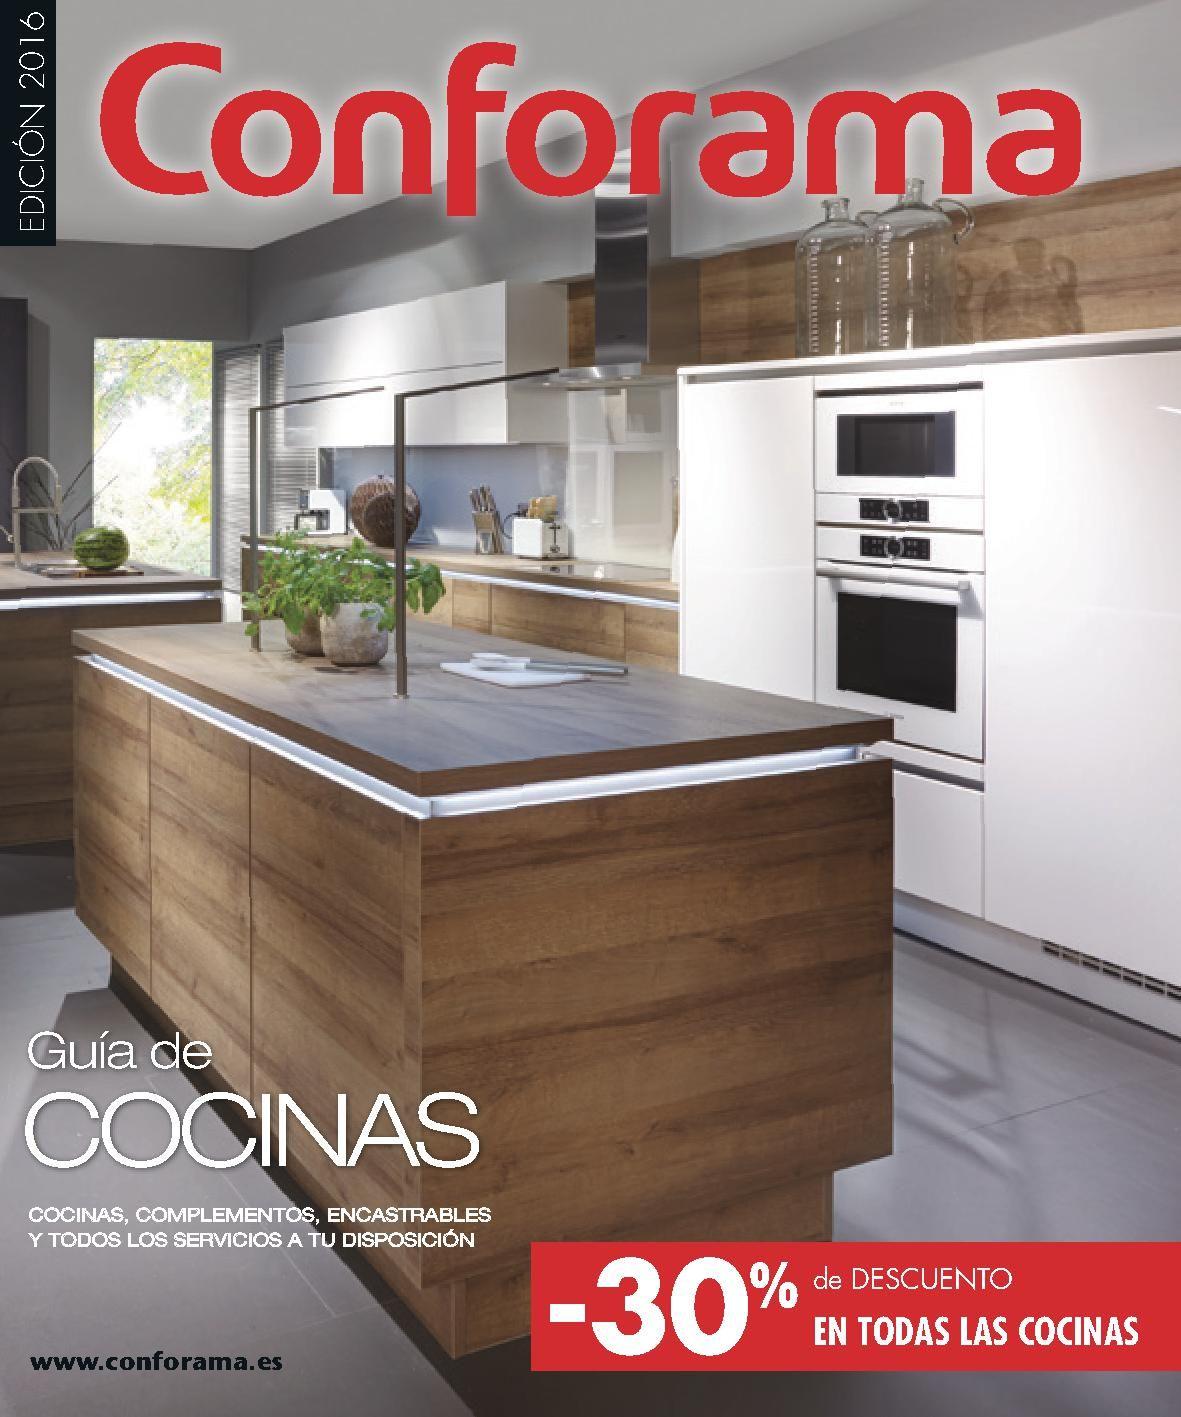 Gu a conforama cocinas 04 2016 1 cocina pinterest catalogo cocinas ofertas y cocinas - Muebles conforama catalogo ...